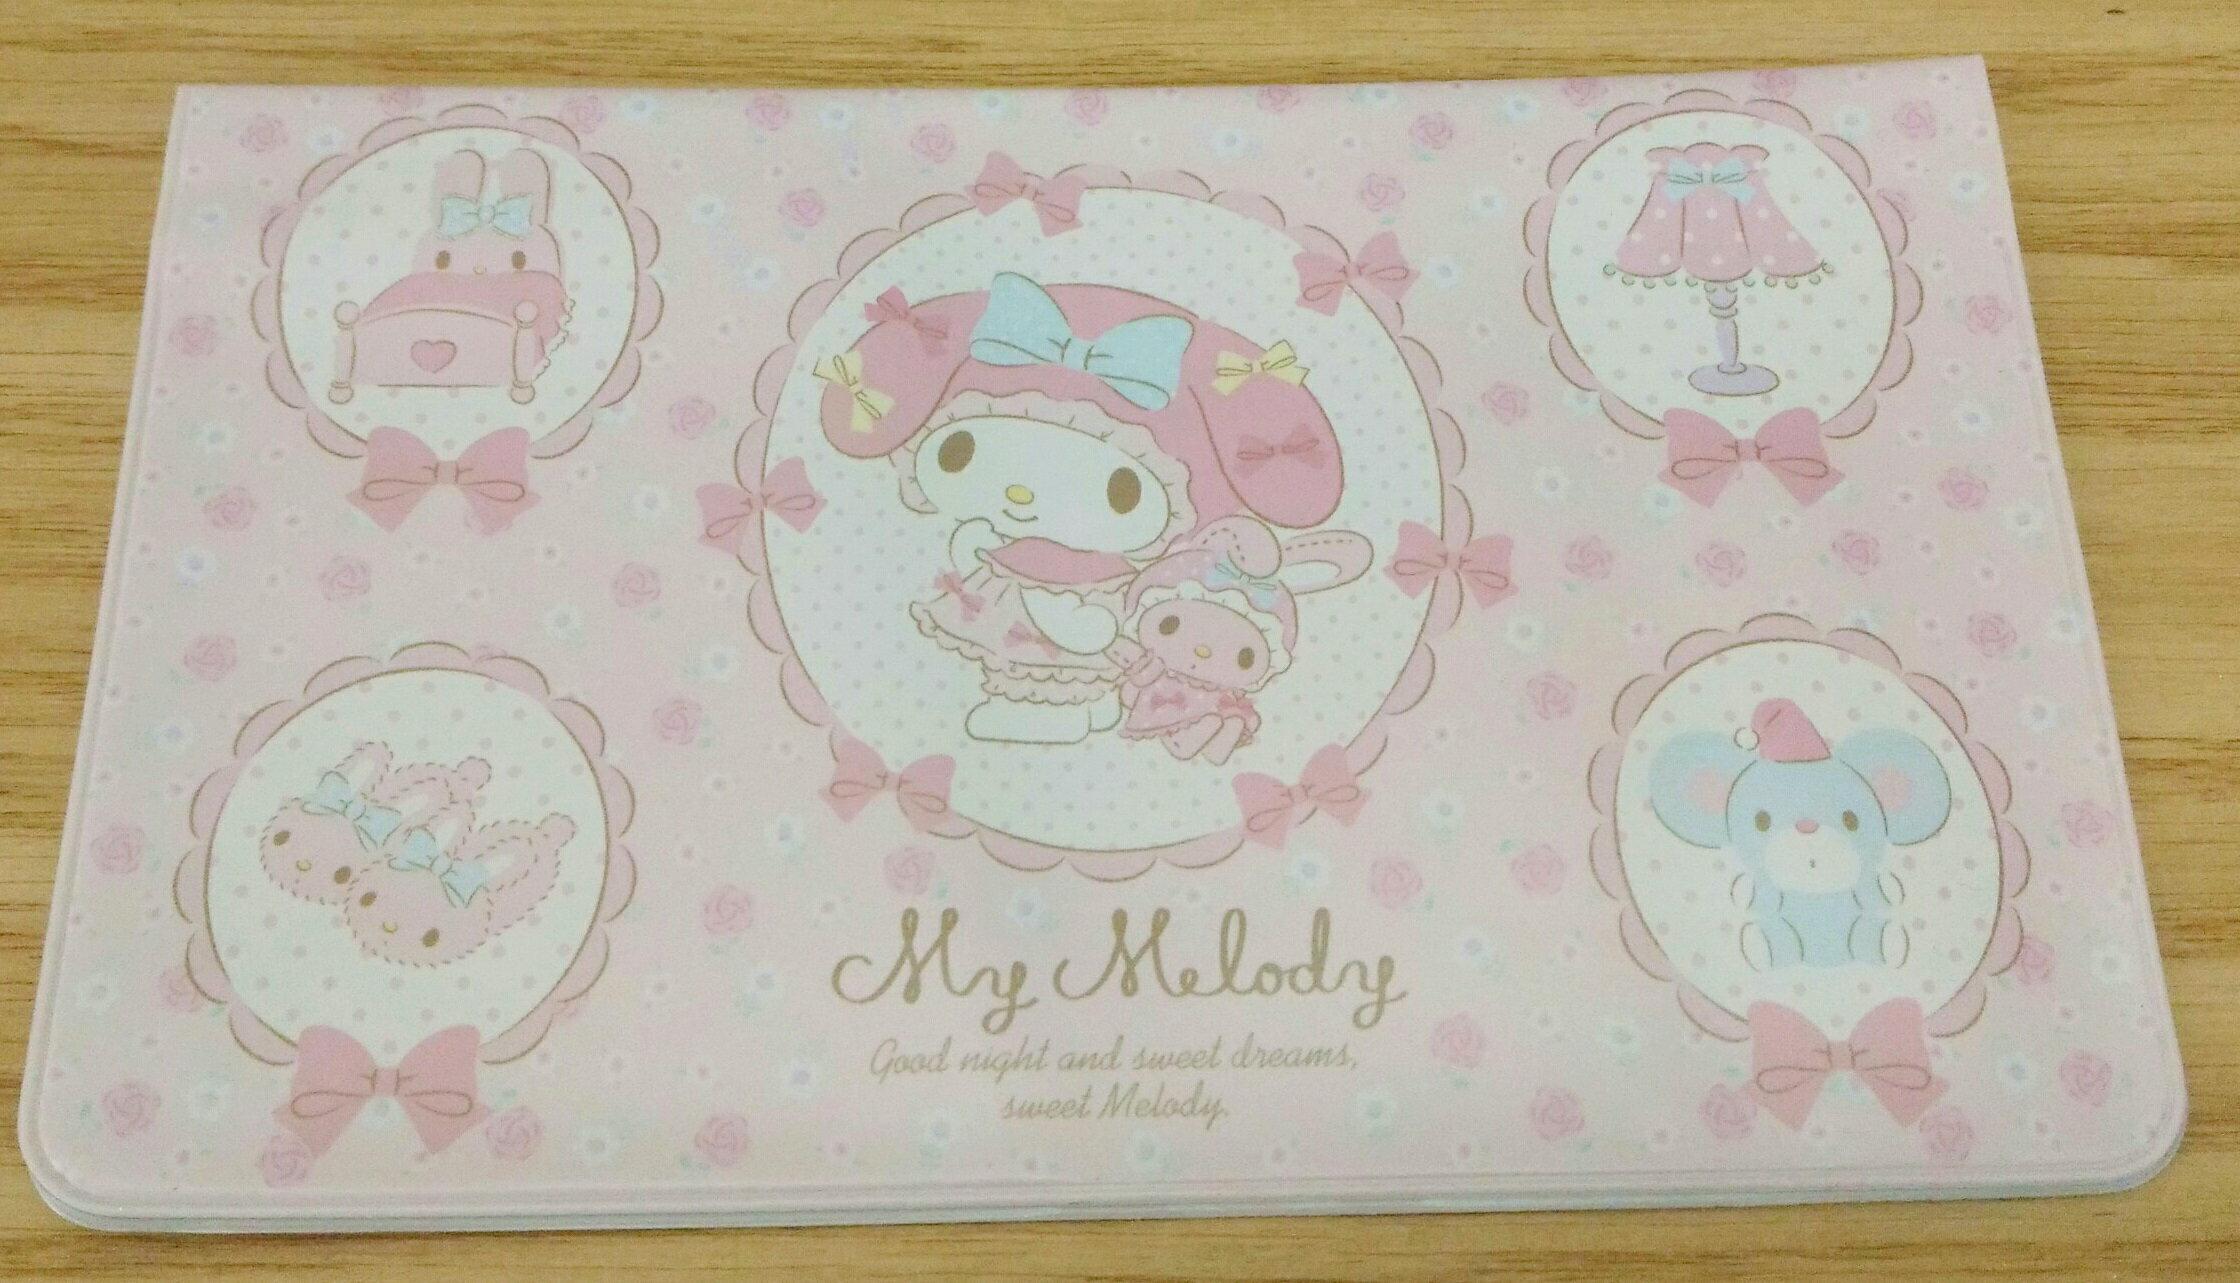 【真愛日本】17111700058 卡片存摺護套-美樂蒂 三麗鷗 melody 美樂蒂 存摺保護套